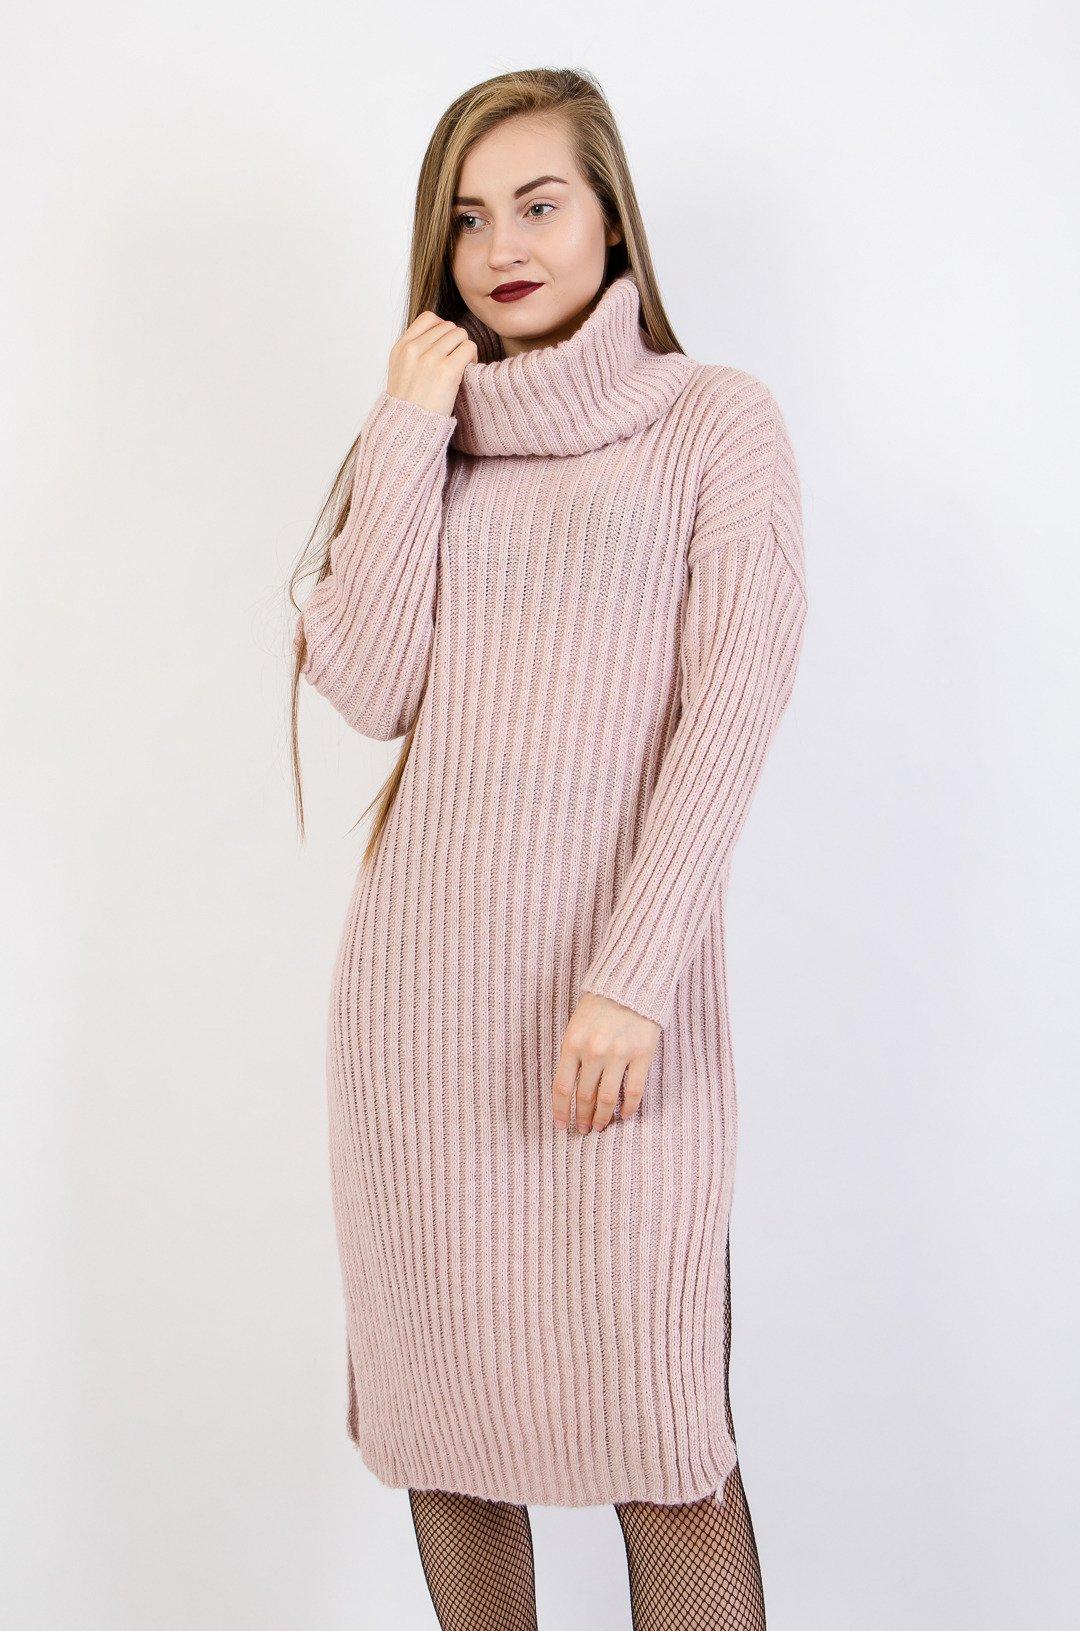 ca81f7f66d1435 Różowa sukienka maxi z golfem oraz rozcięciami po bokach różowy   NOWOŚCI  KOLEKCJA \ Swetry KOLEKCJA \ Sukienki WYPRZEDAŻ % - Olika